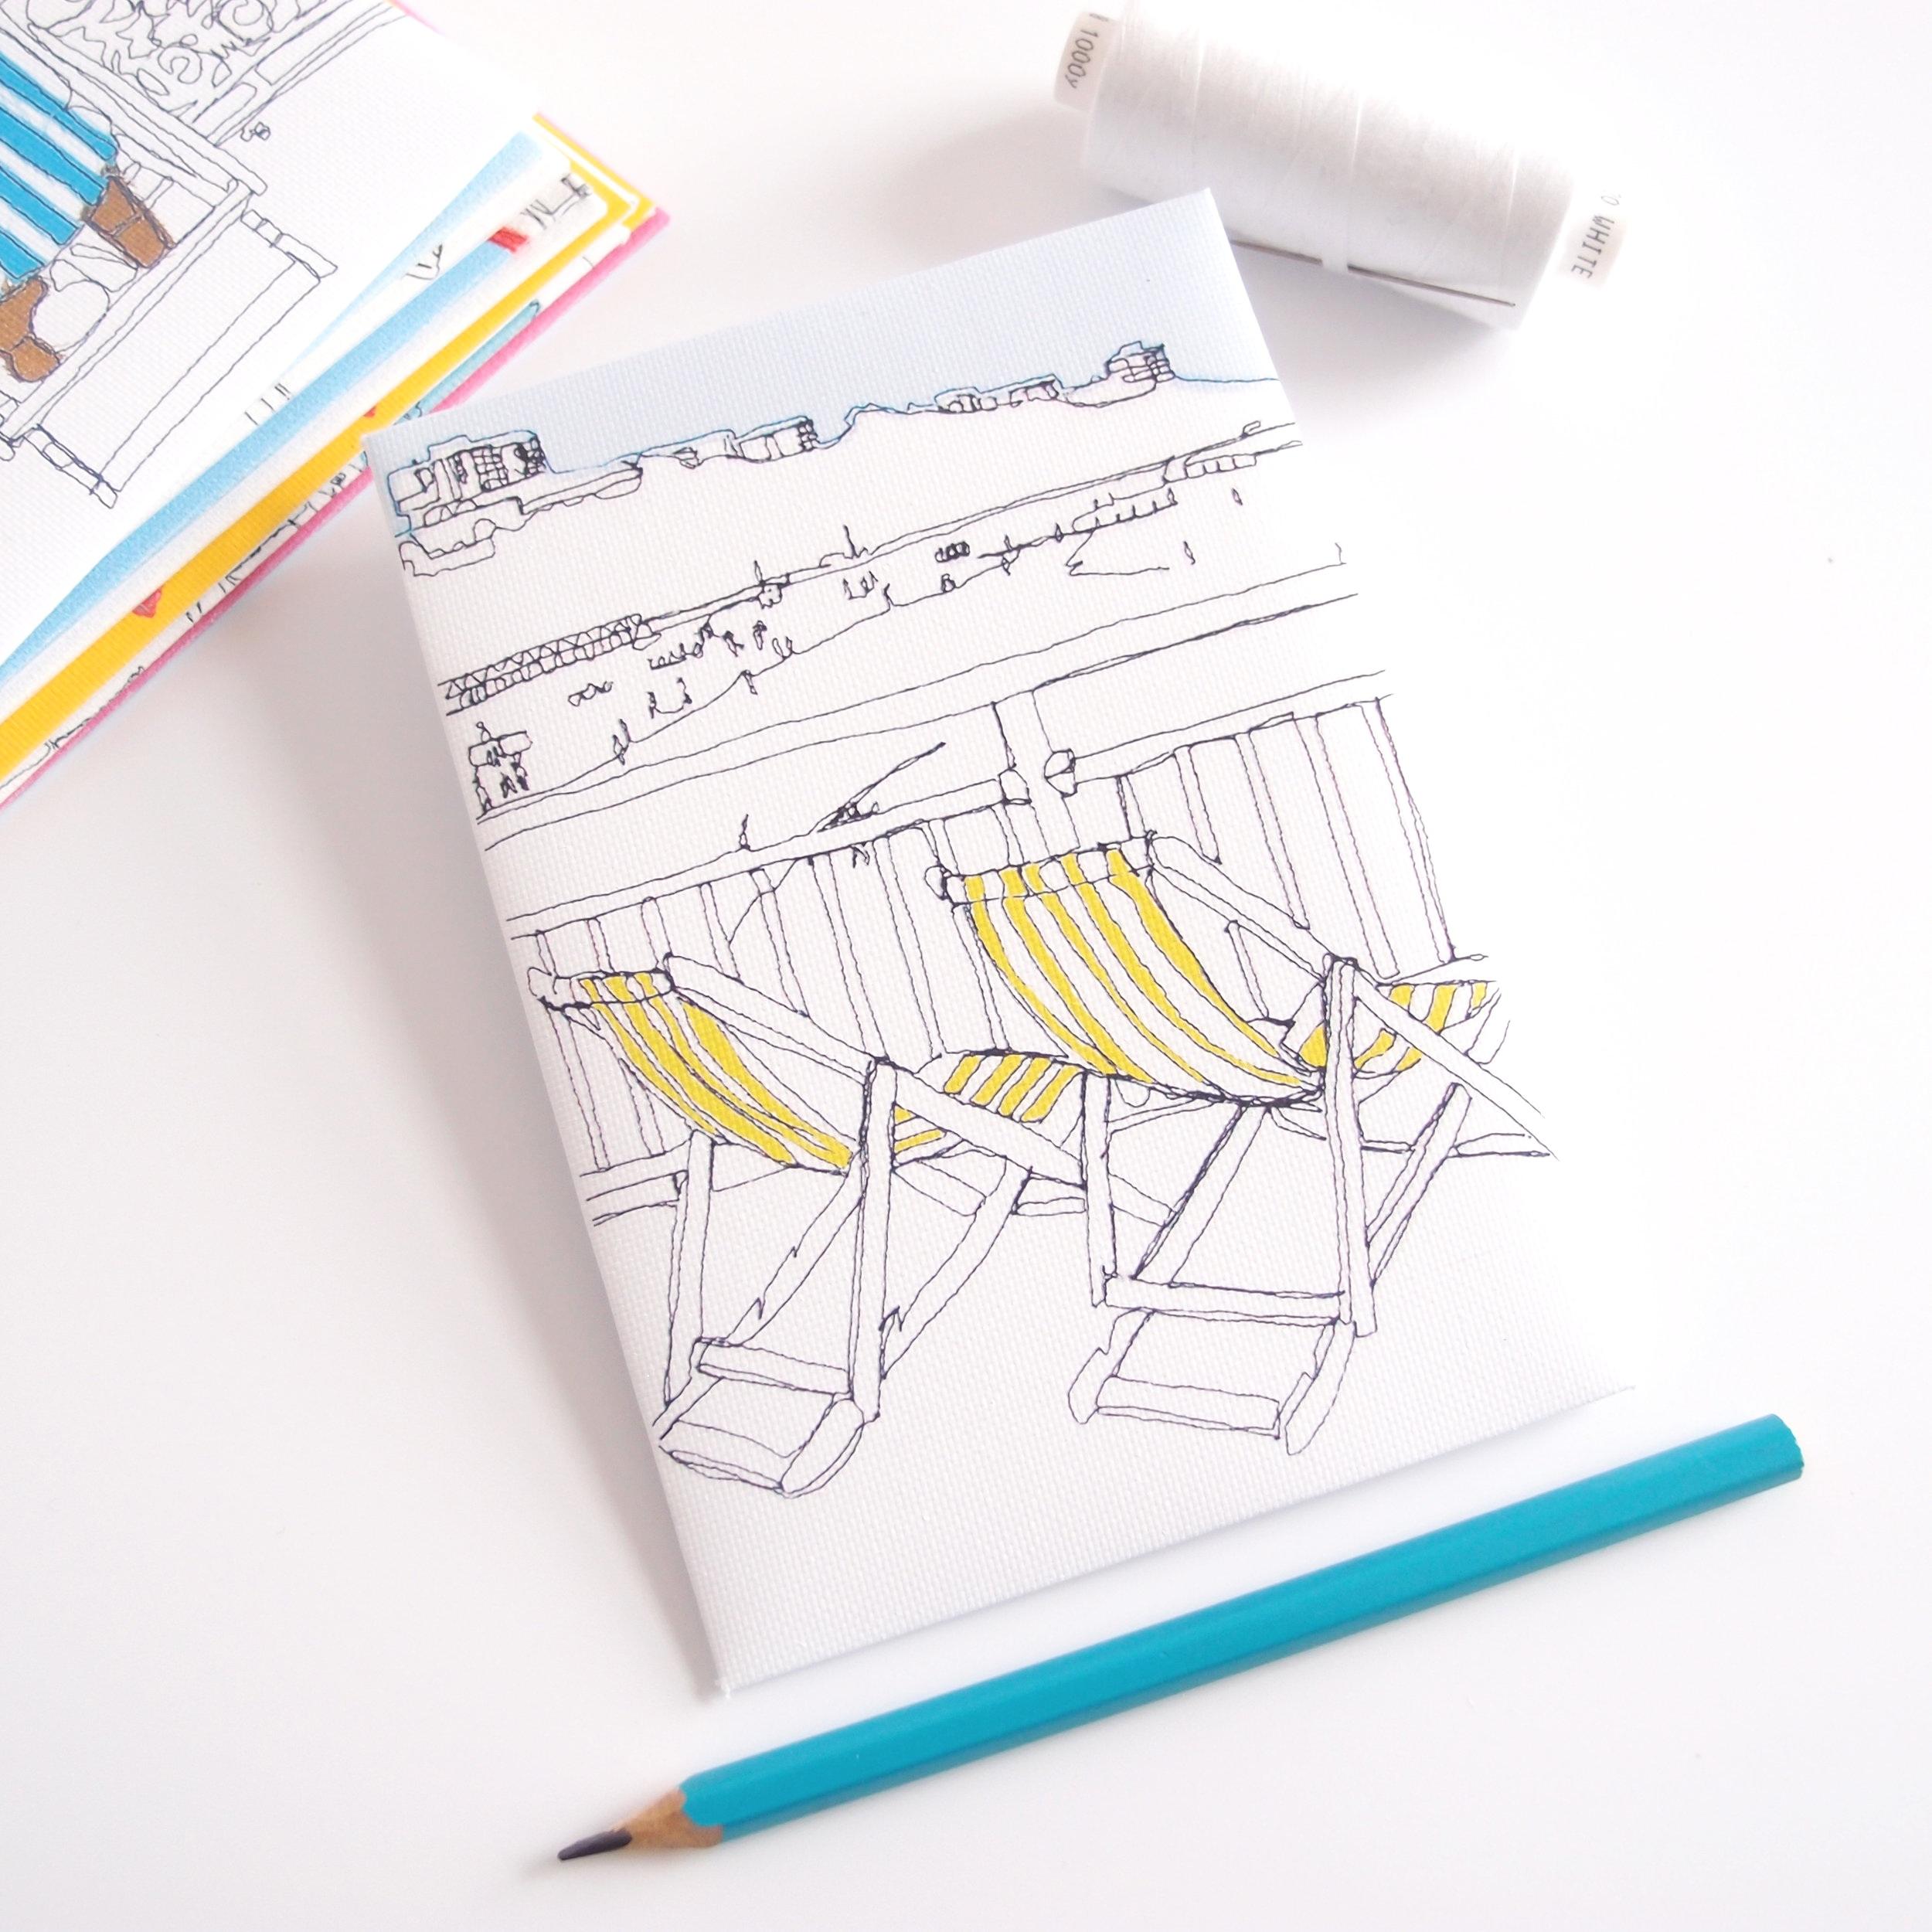 Deckchairs - Front Promo2.jpg